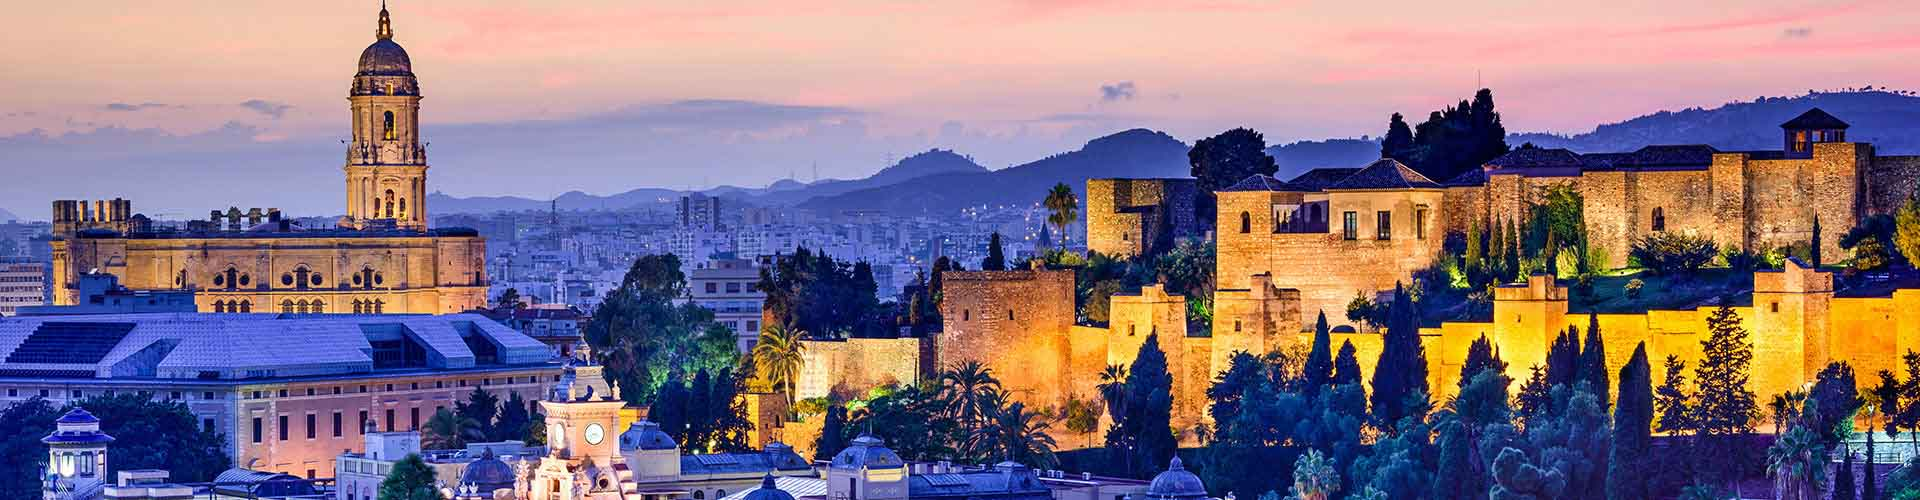 Malaga - Chambres pas chères dans le quartier de La Trinité. Cartes pour Malaga, photos et commentaires pour chaque chambre à Malaga.